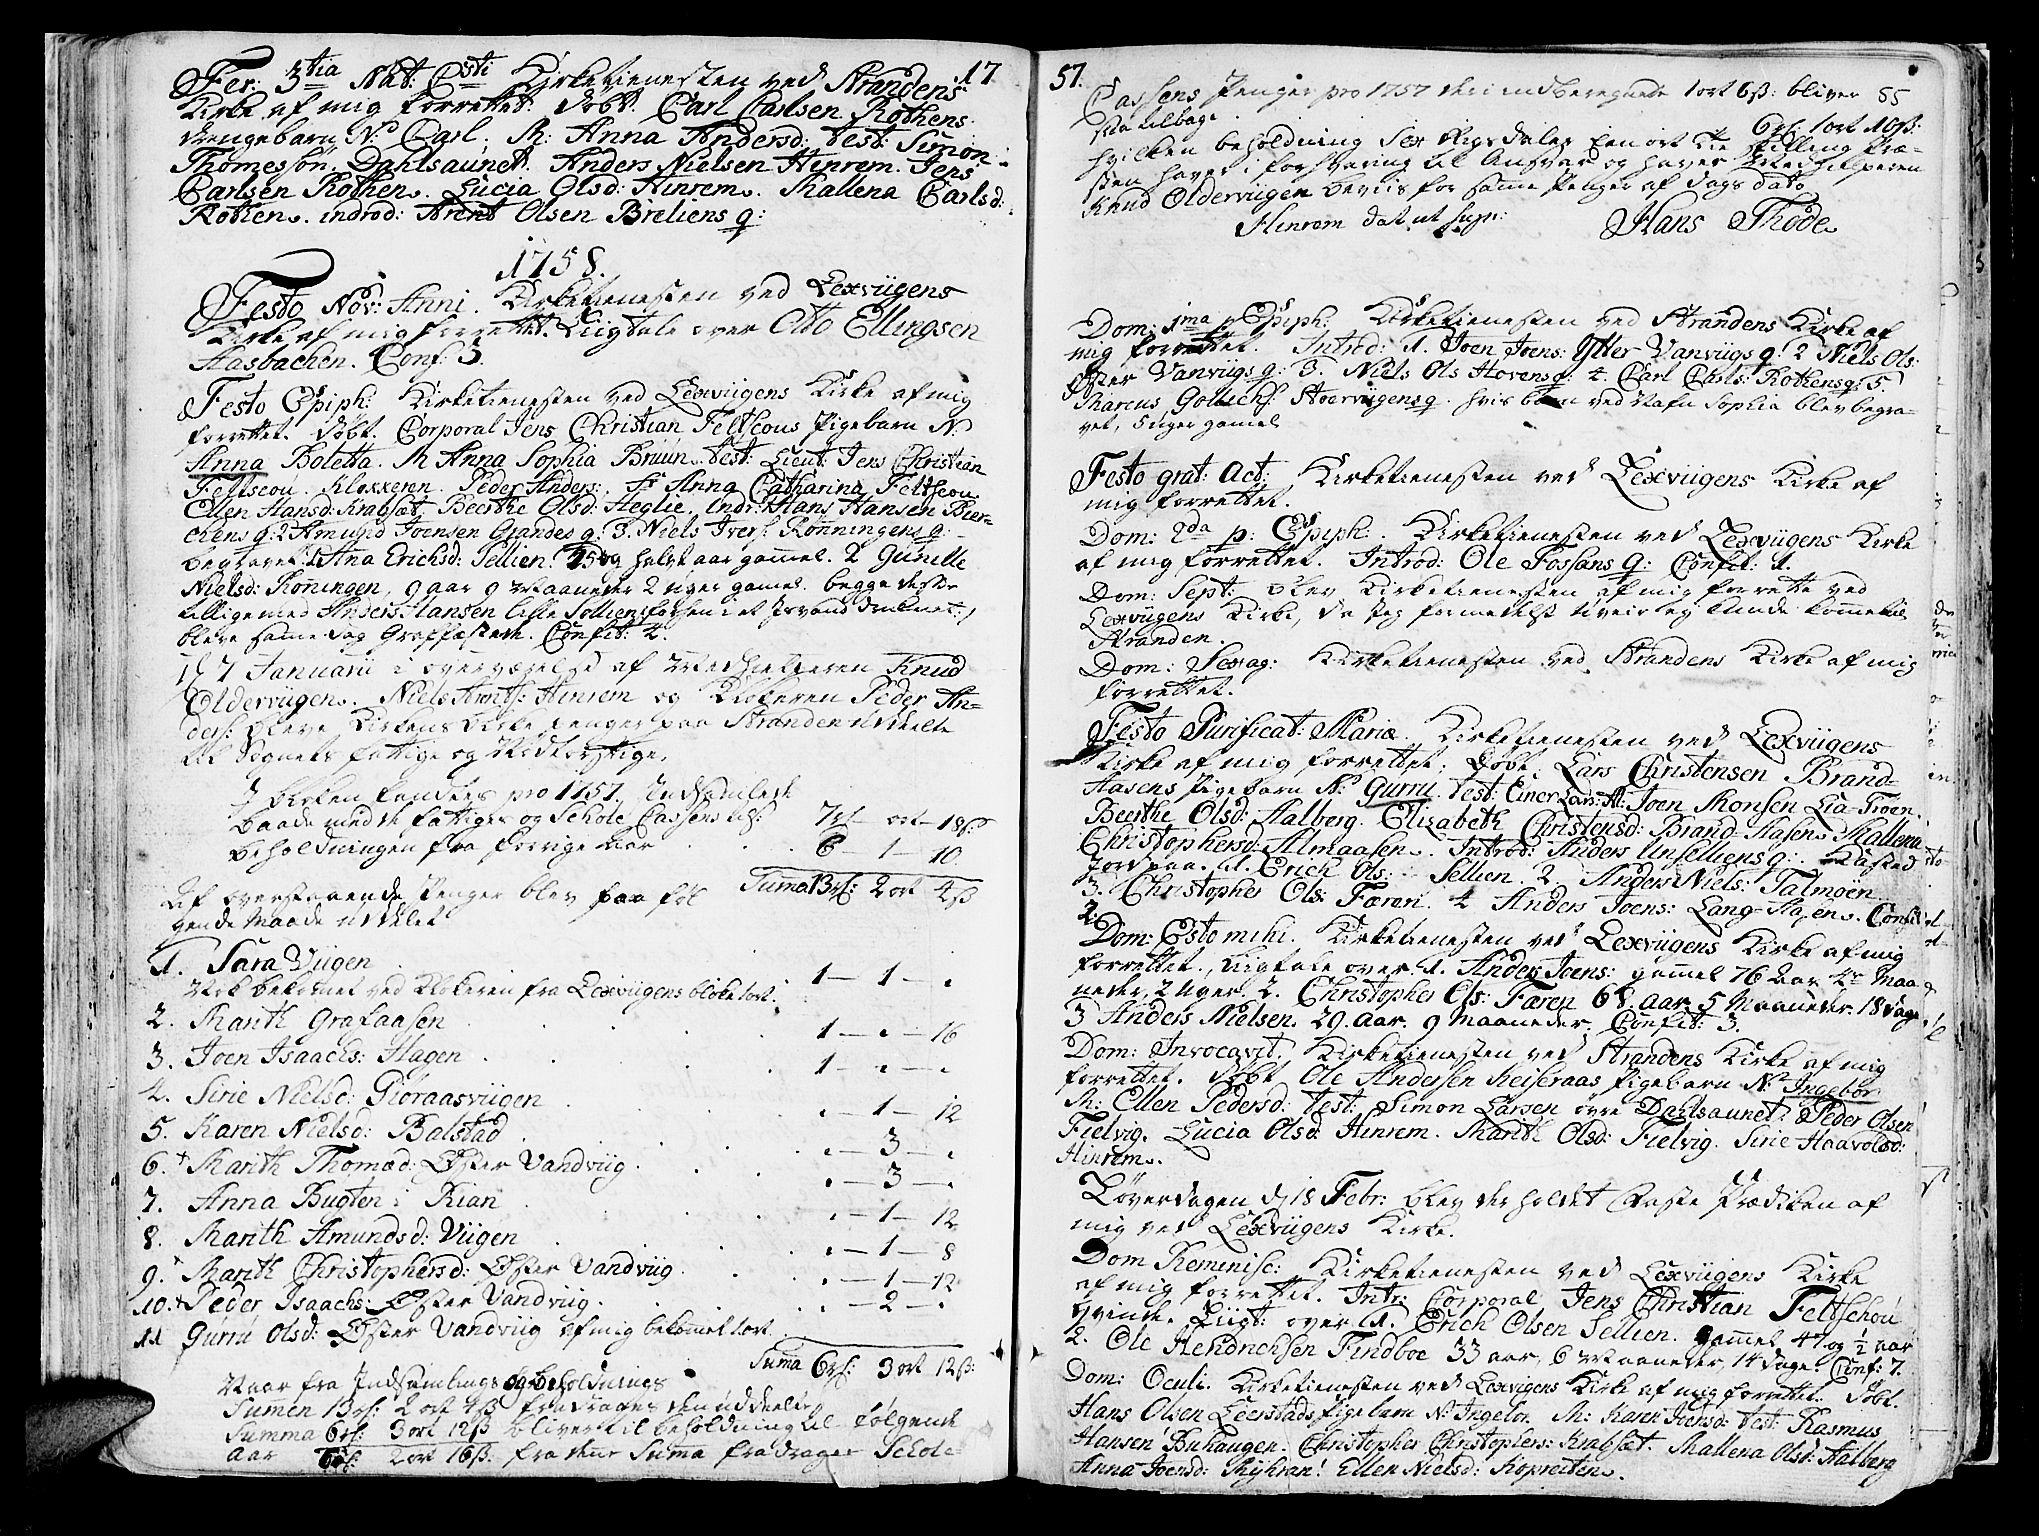 SAT, Ministerialprotokoller, klokkerbøker og fødselsregistre - Nord-Trøndelag, 701/L0003: Ministerialbok nr. 701A03, 1751-1783, s. 55